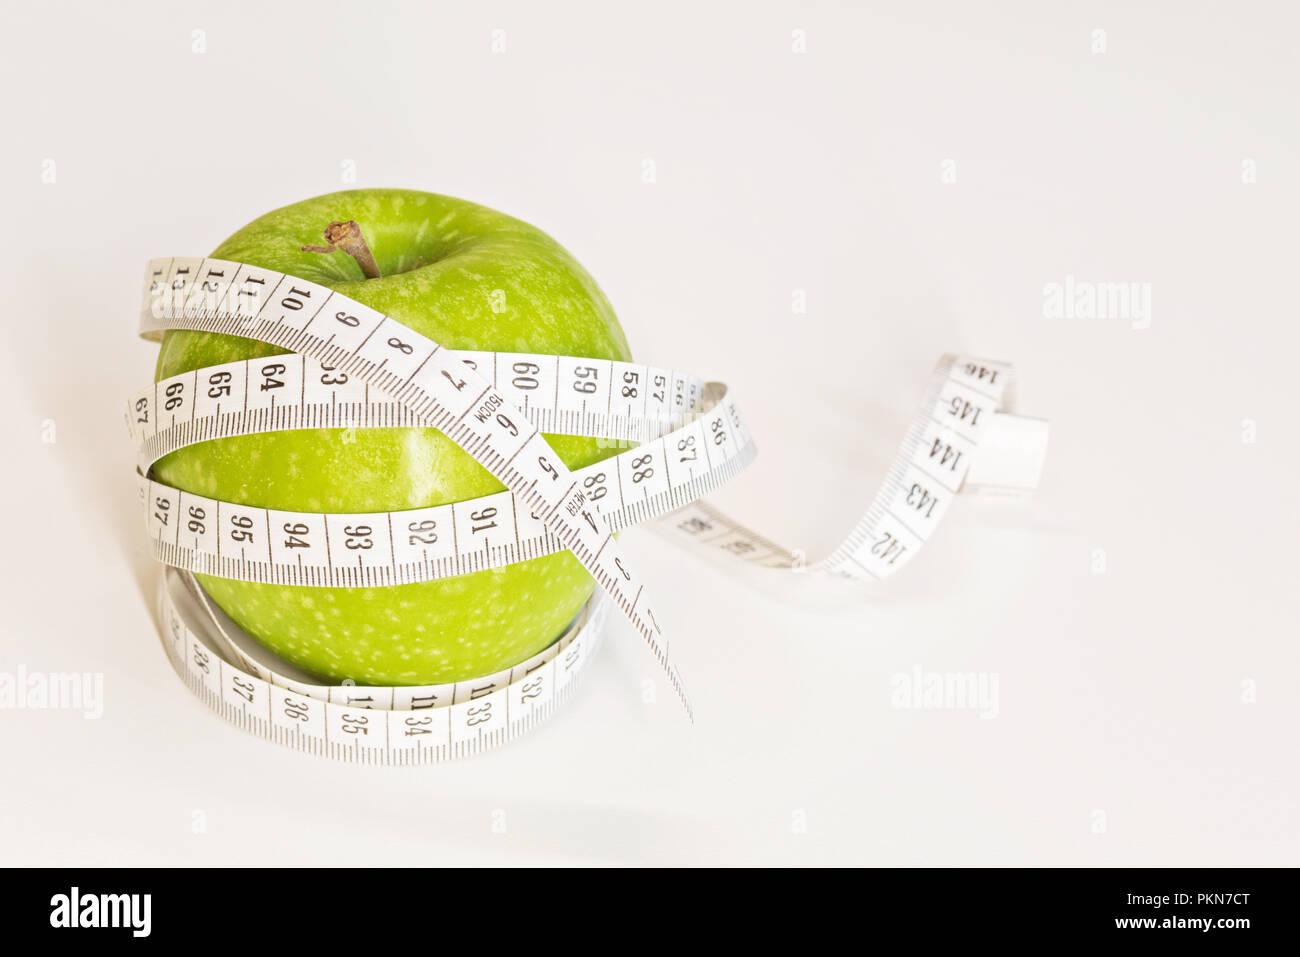 Mètre à ruban enroulé autour d'une pomme verte. Photo Stock